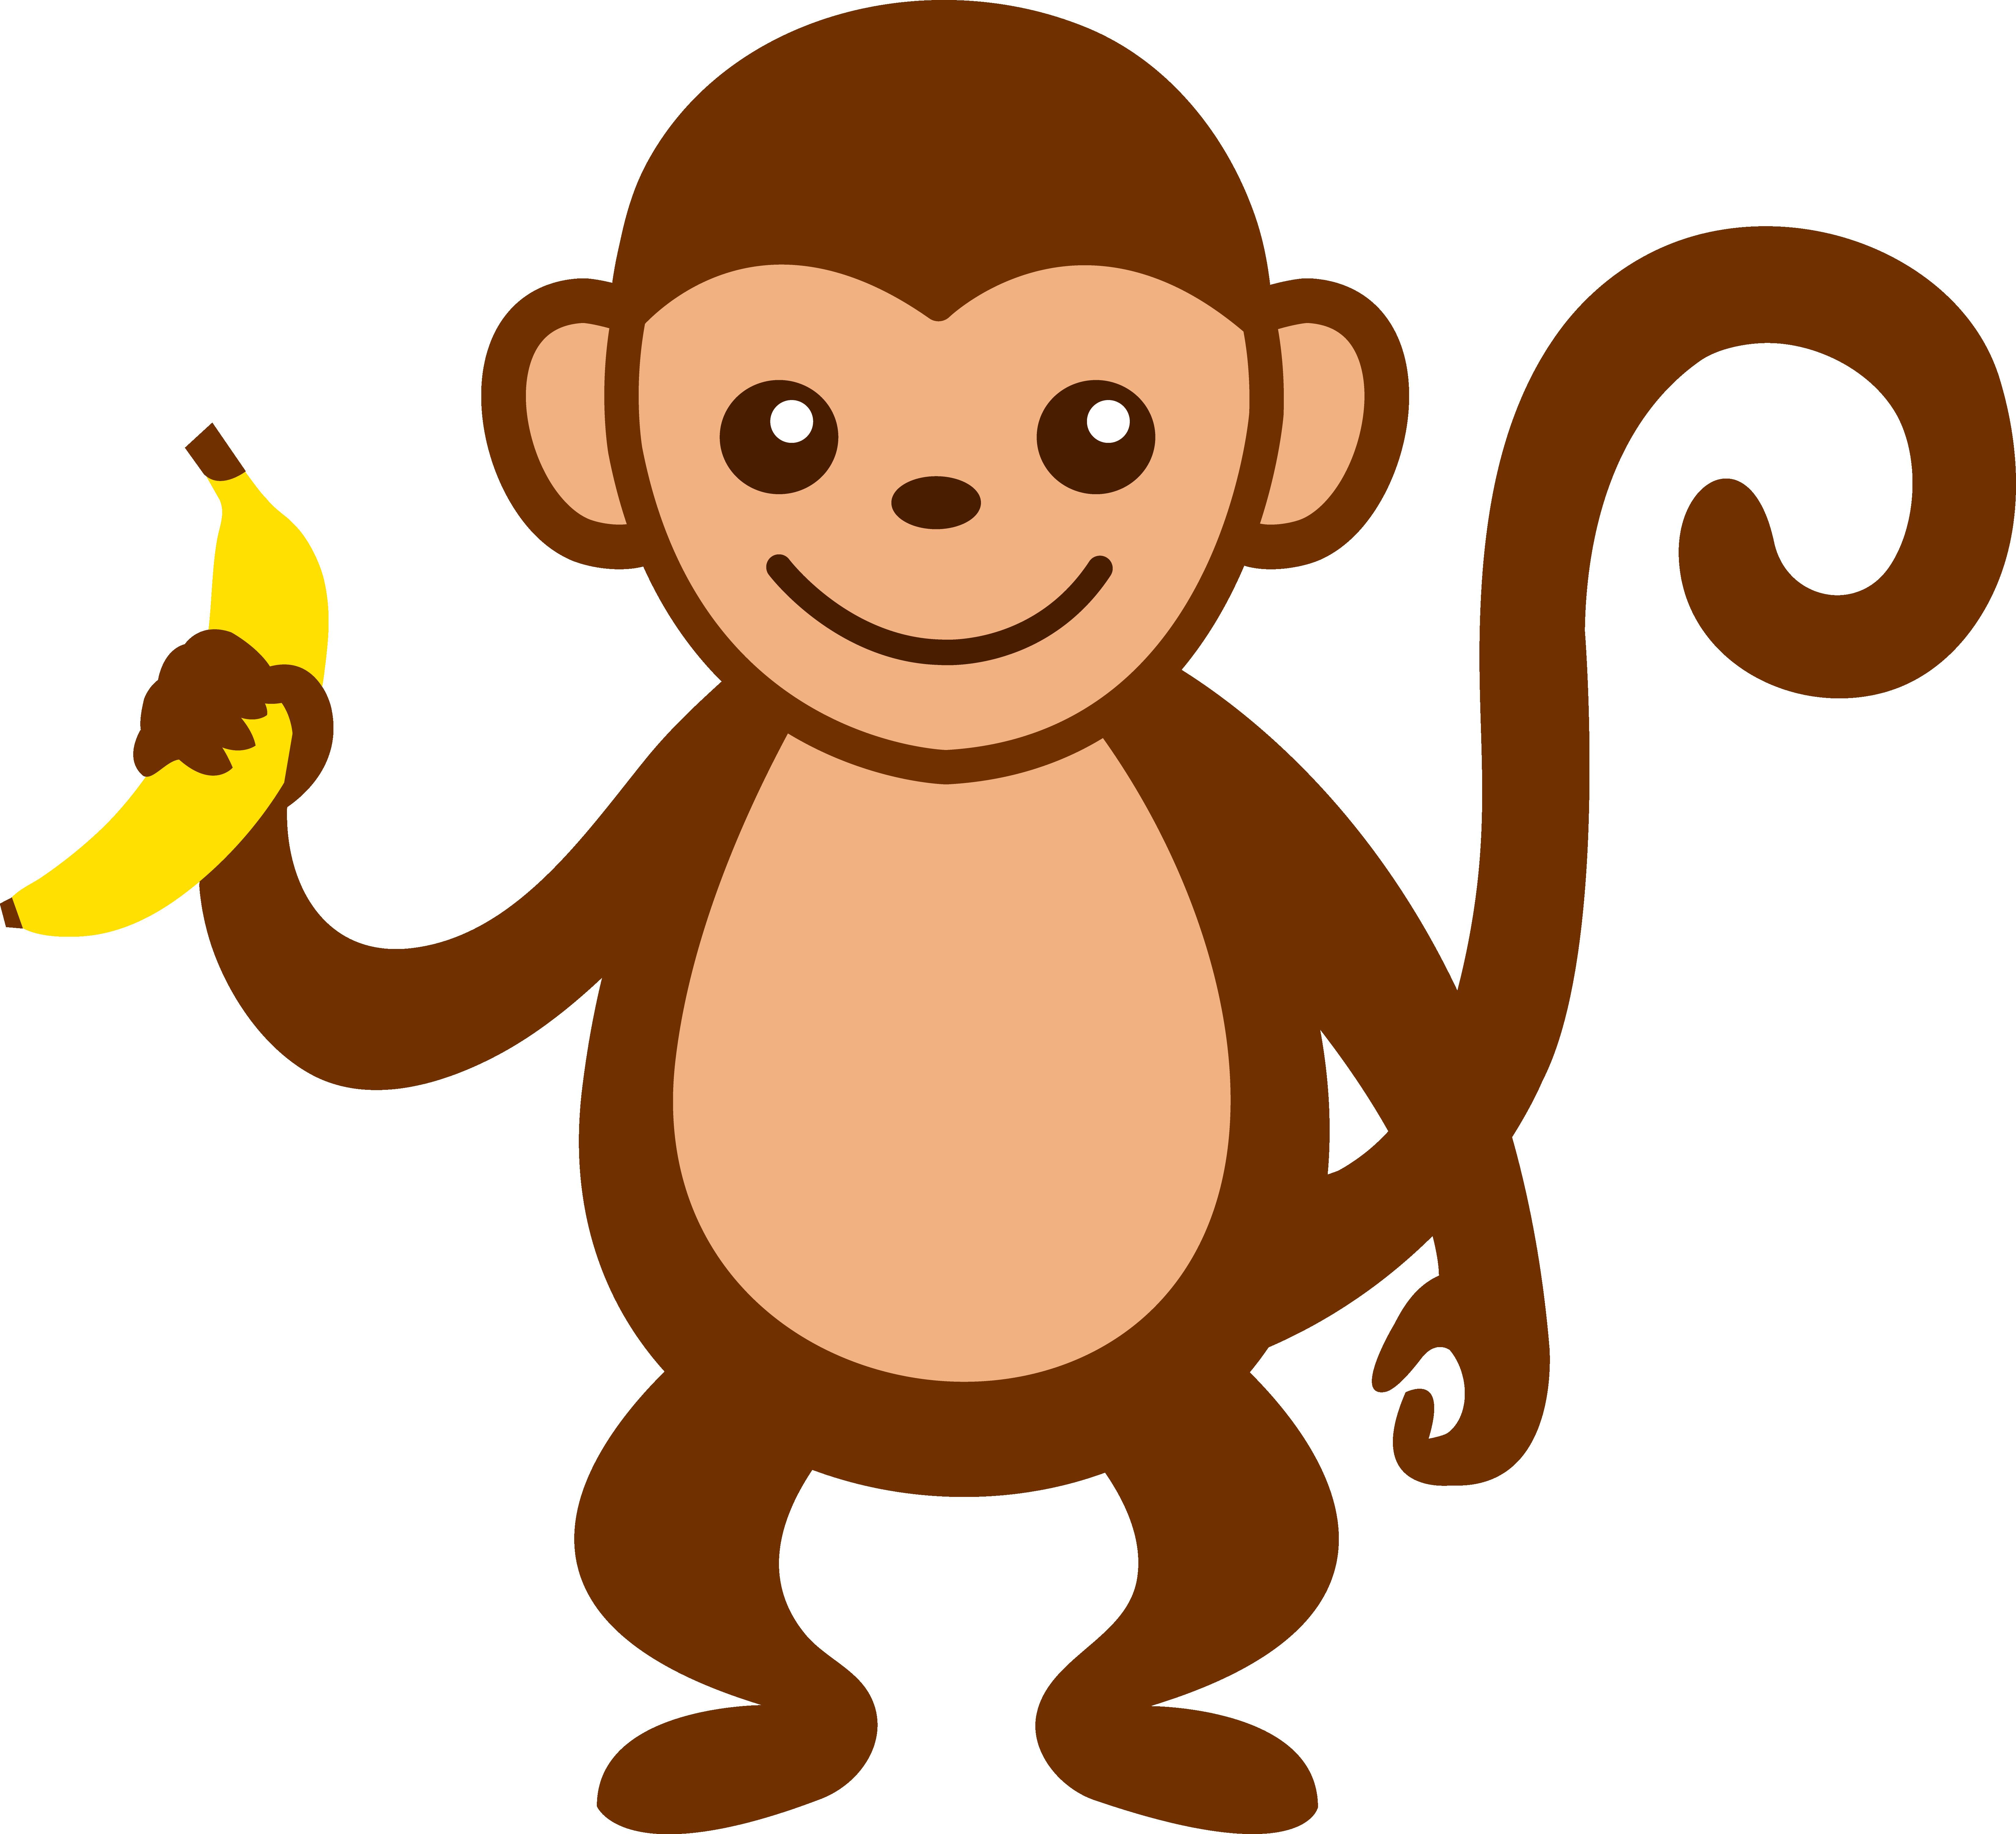 Monkey clipart. Cartoon clip art cute